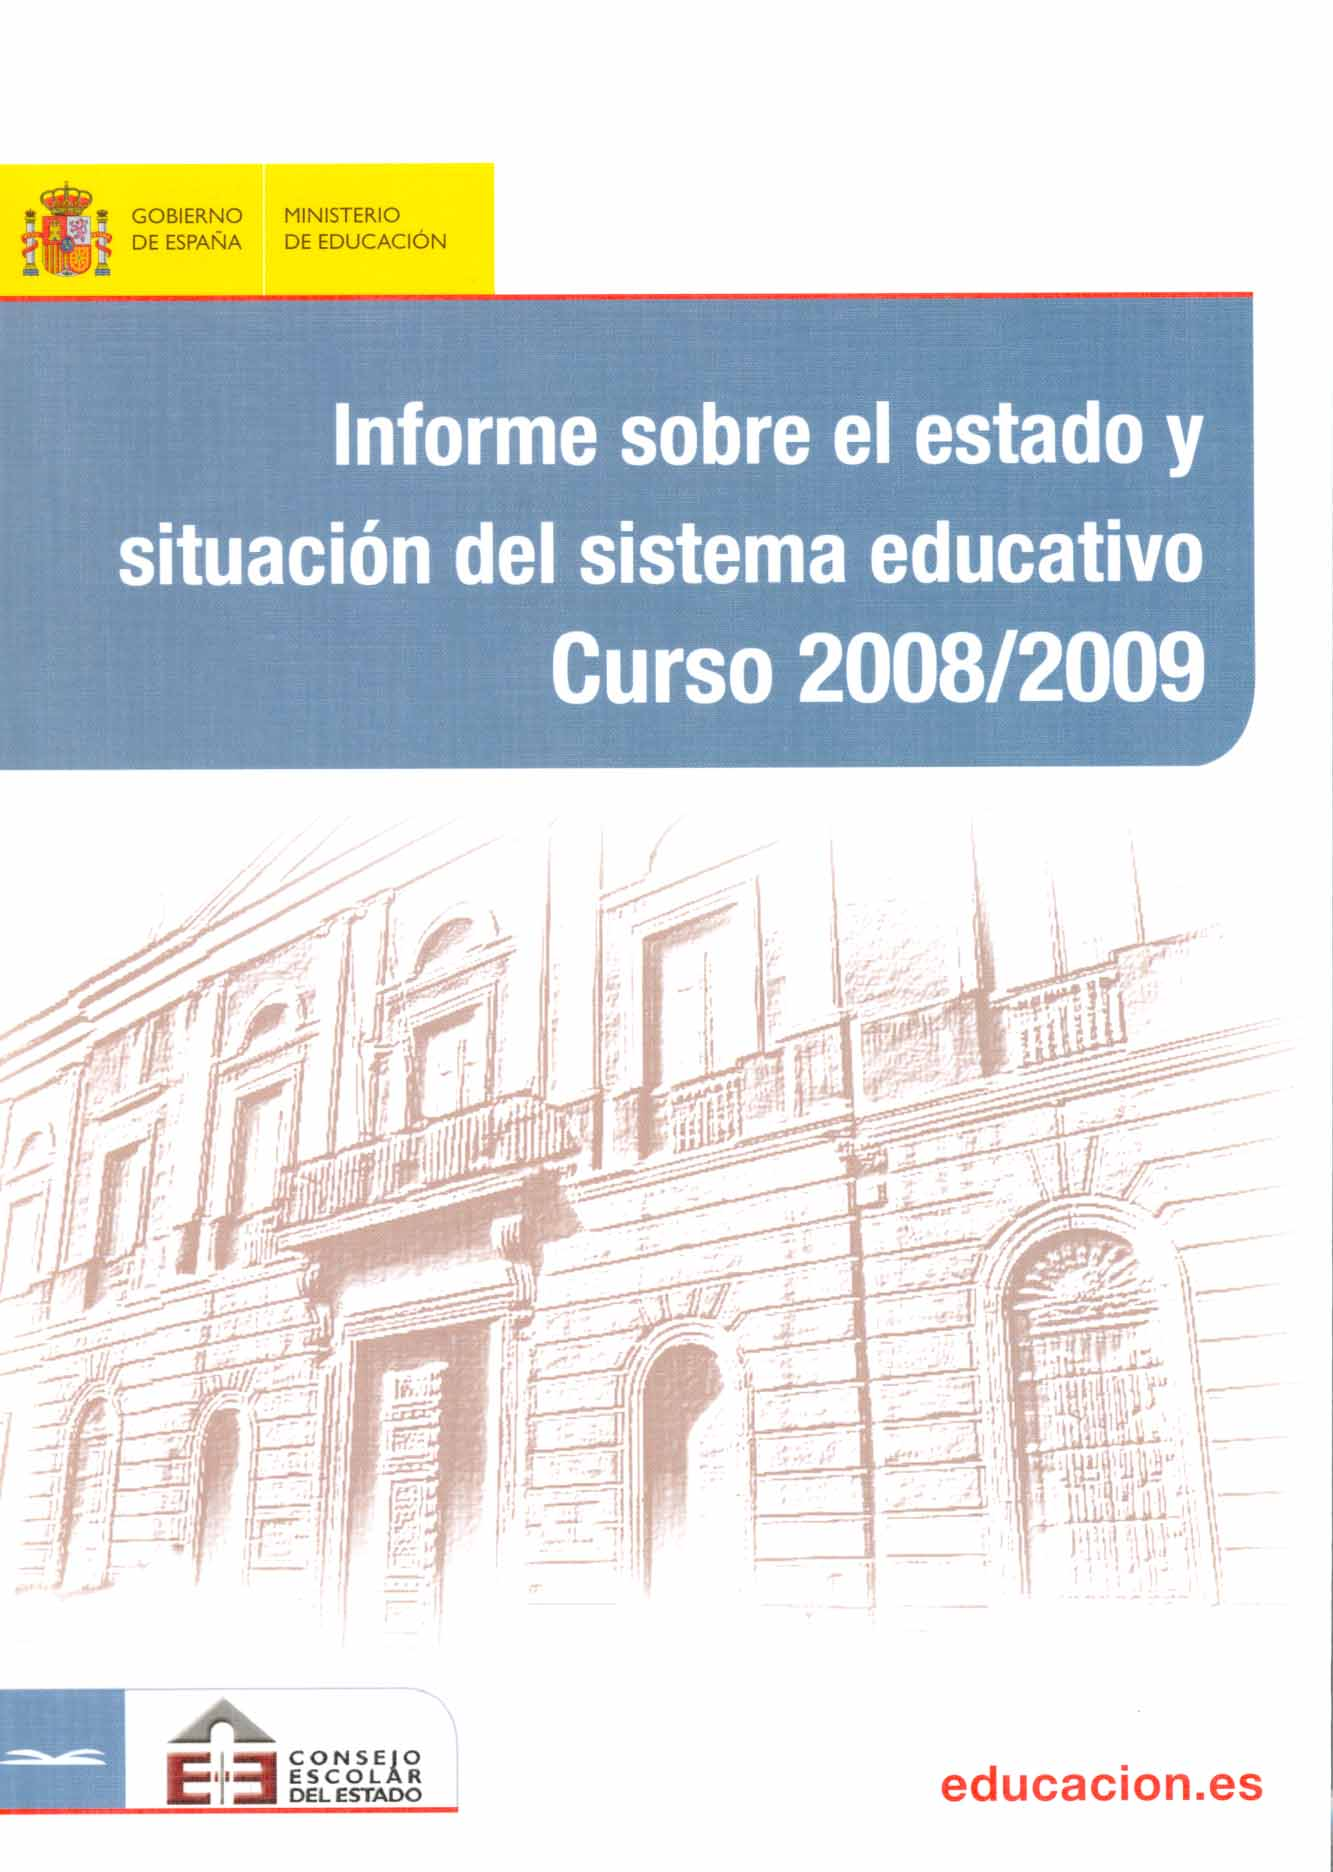 Informe sobre el estado y situación del sistema educativo. Curso 2008-2009